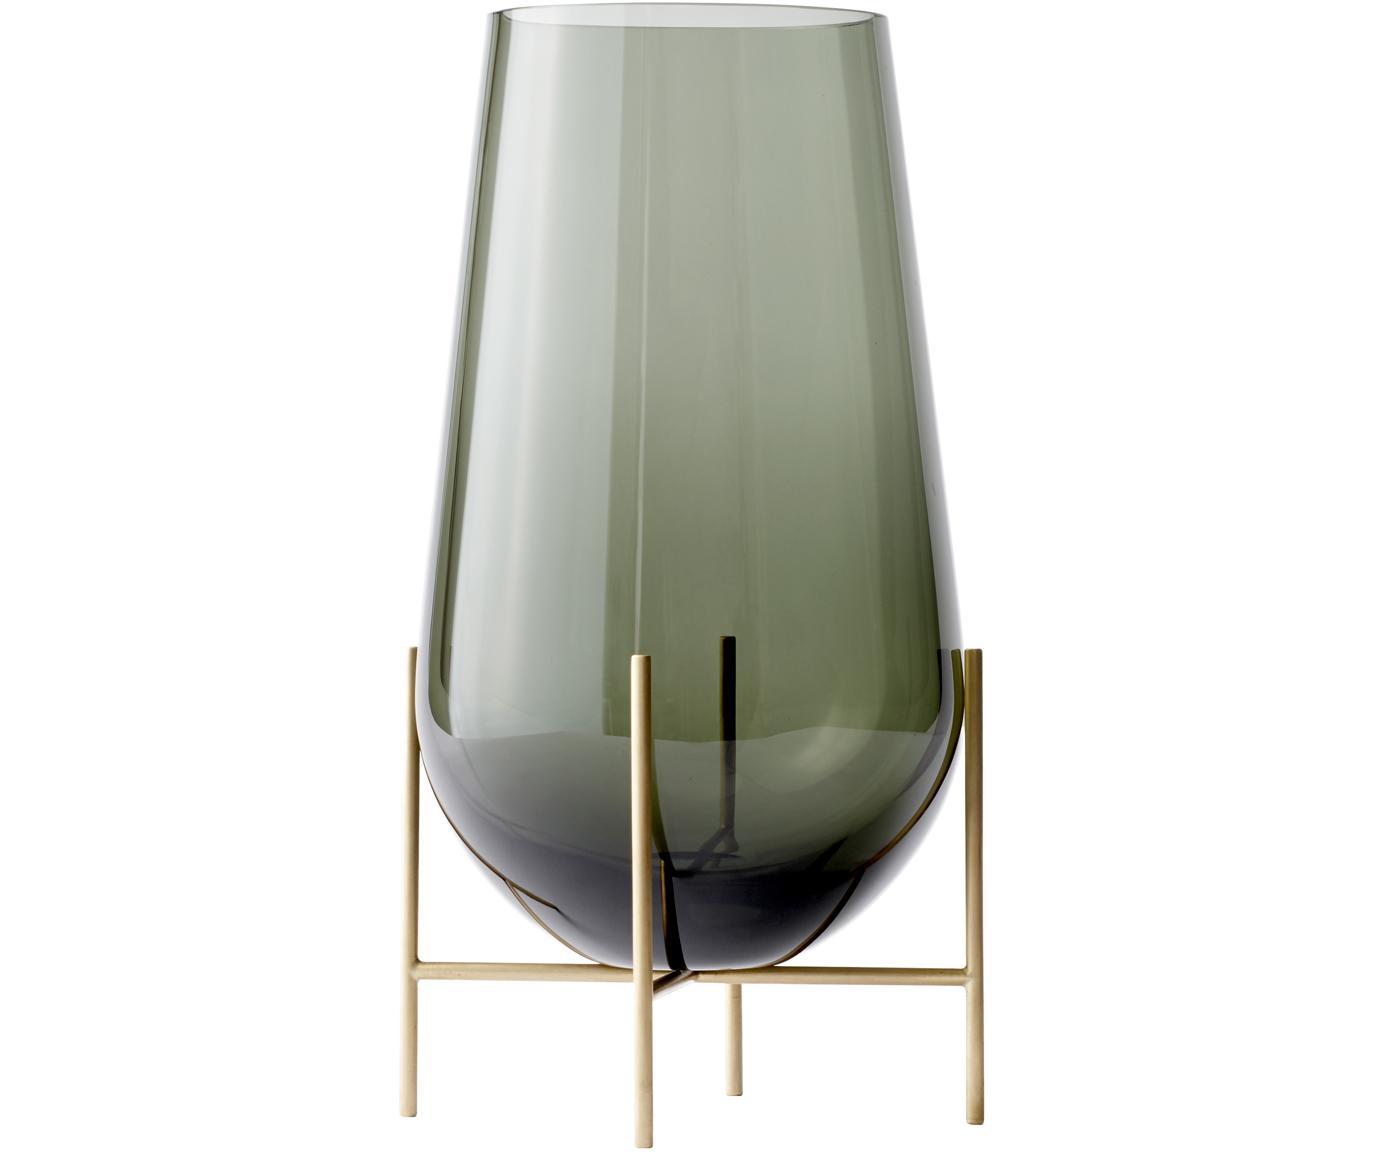 Mondgeblazen vloervaas Échasse, Frame: messing, Vaas: mondgeblazen glas, Messingkleurig, grijs, Ø 20 x H 60 cm